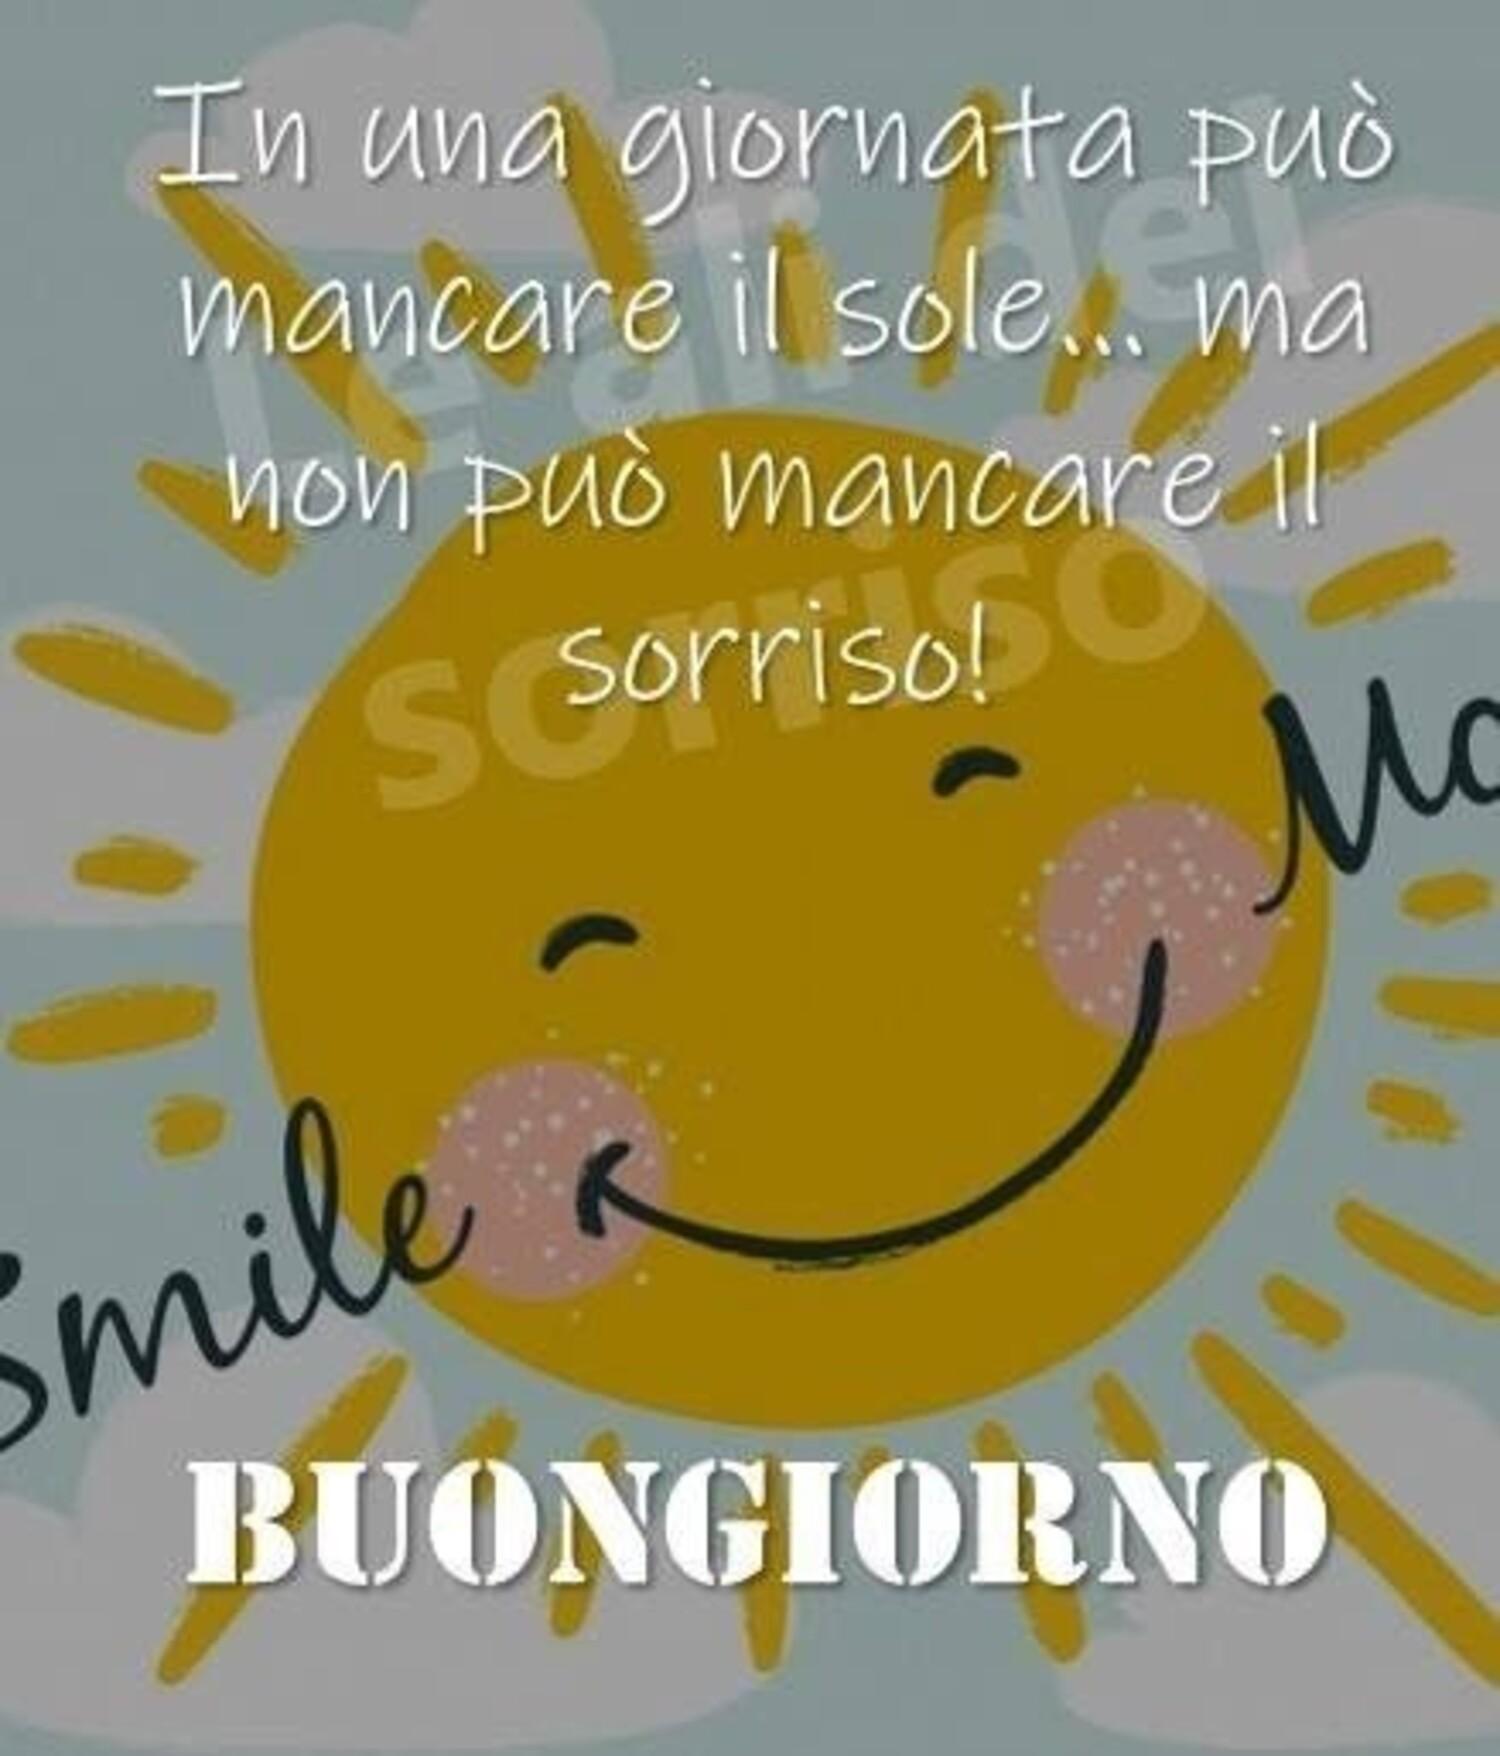 In una giornata per mancare il sole...ma non può mancare il sorriso! Buongiorno